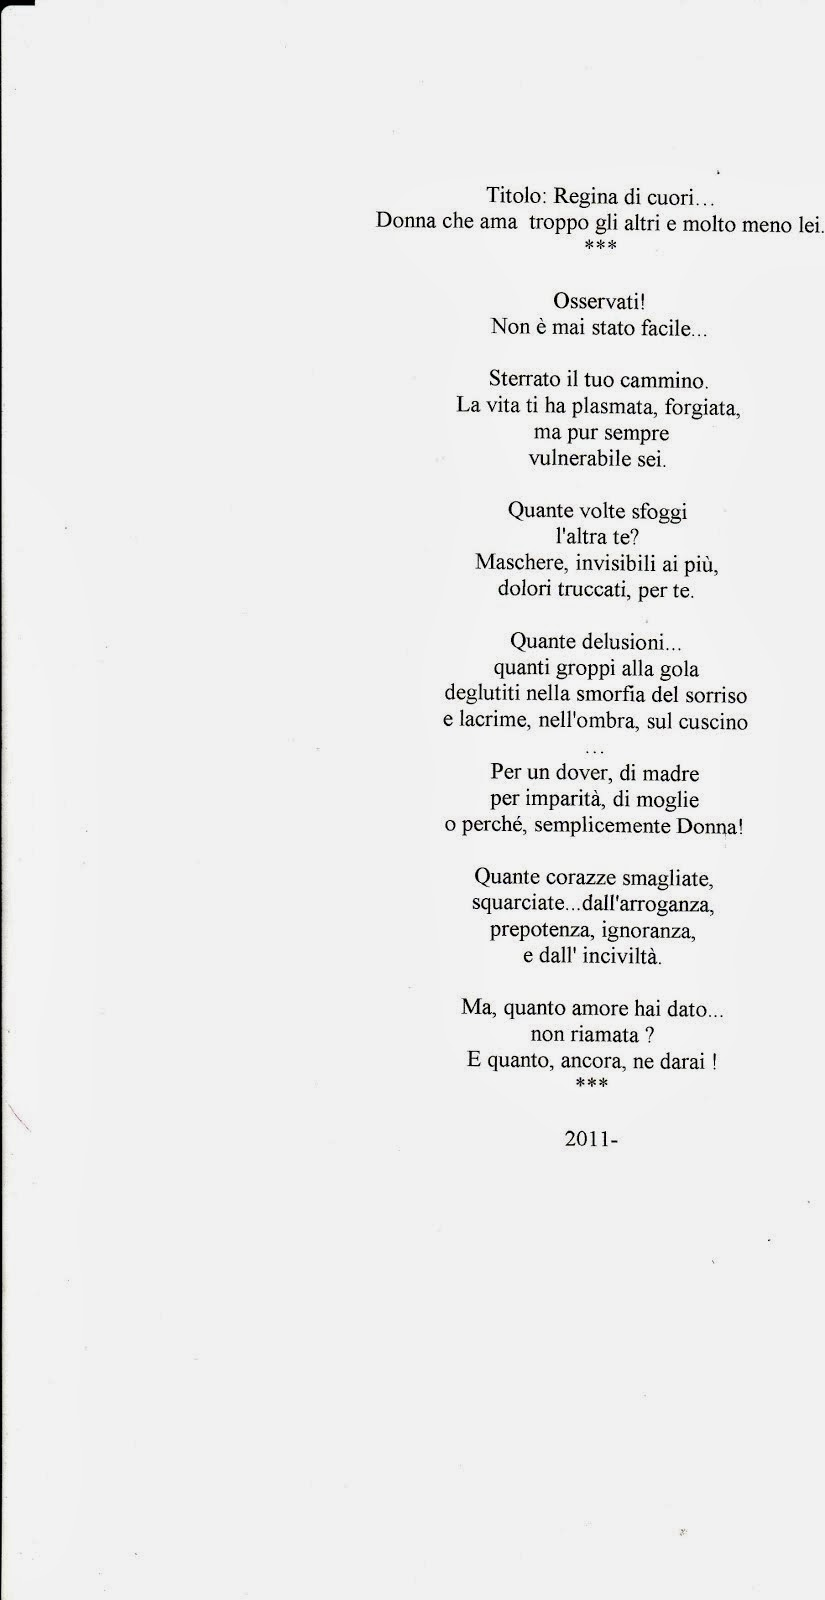 la poesia premiata : REGINA DI CUORI